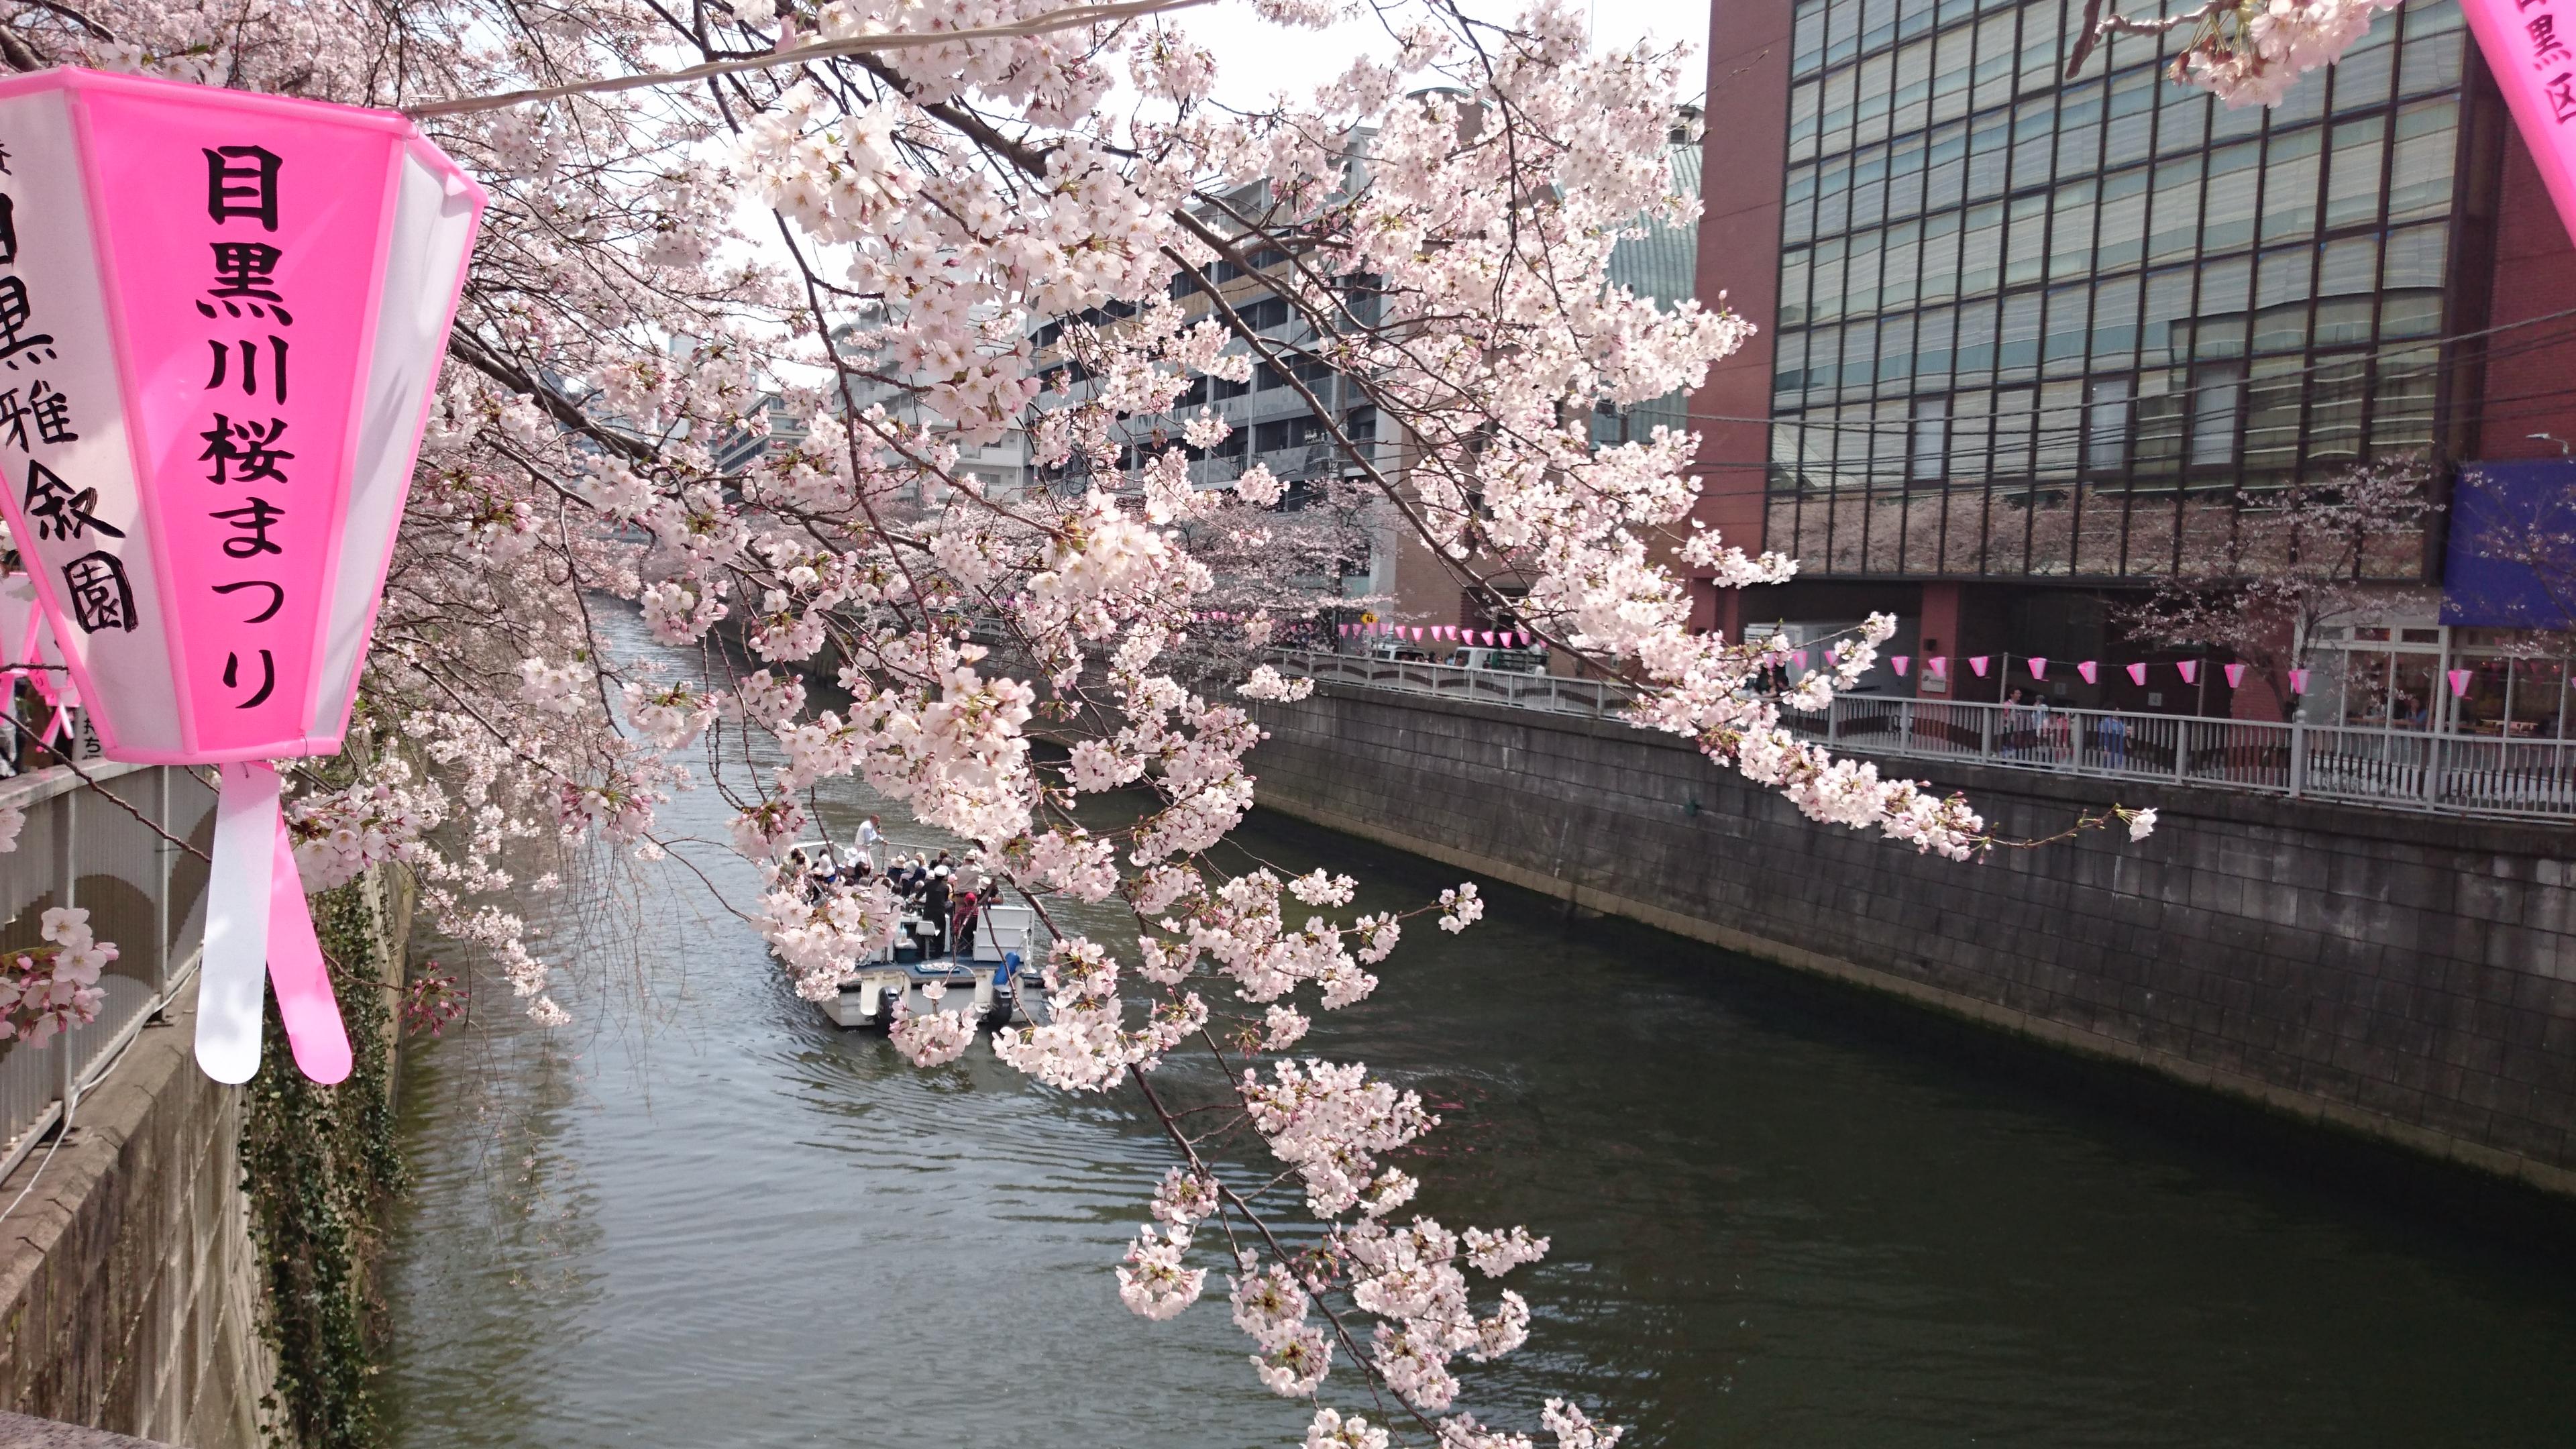 目黒川 雅叙園付近の桜 昼